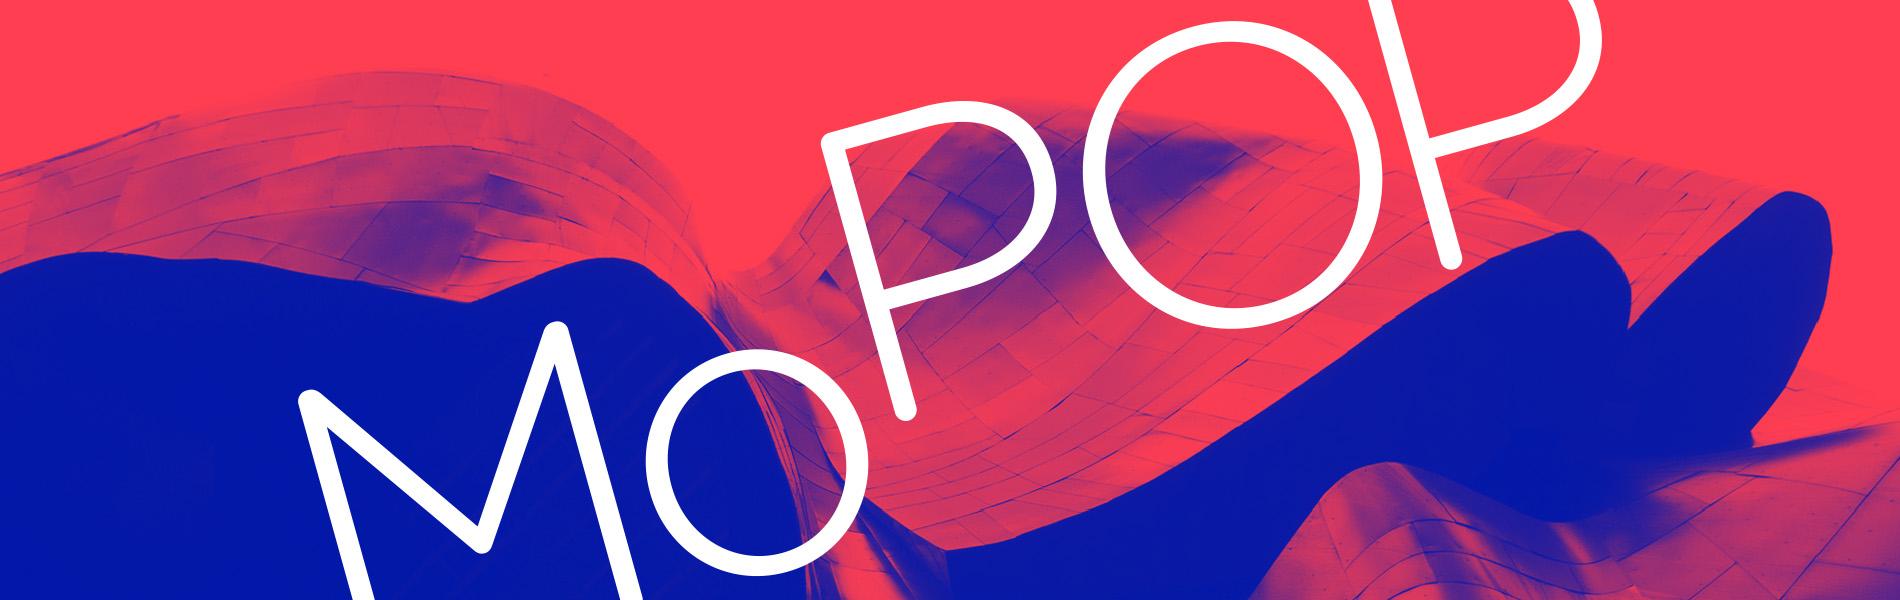 EMP Museum → Museum of Pop Culture